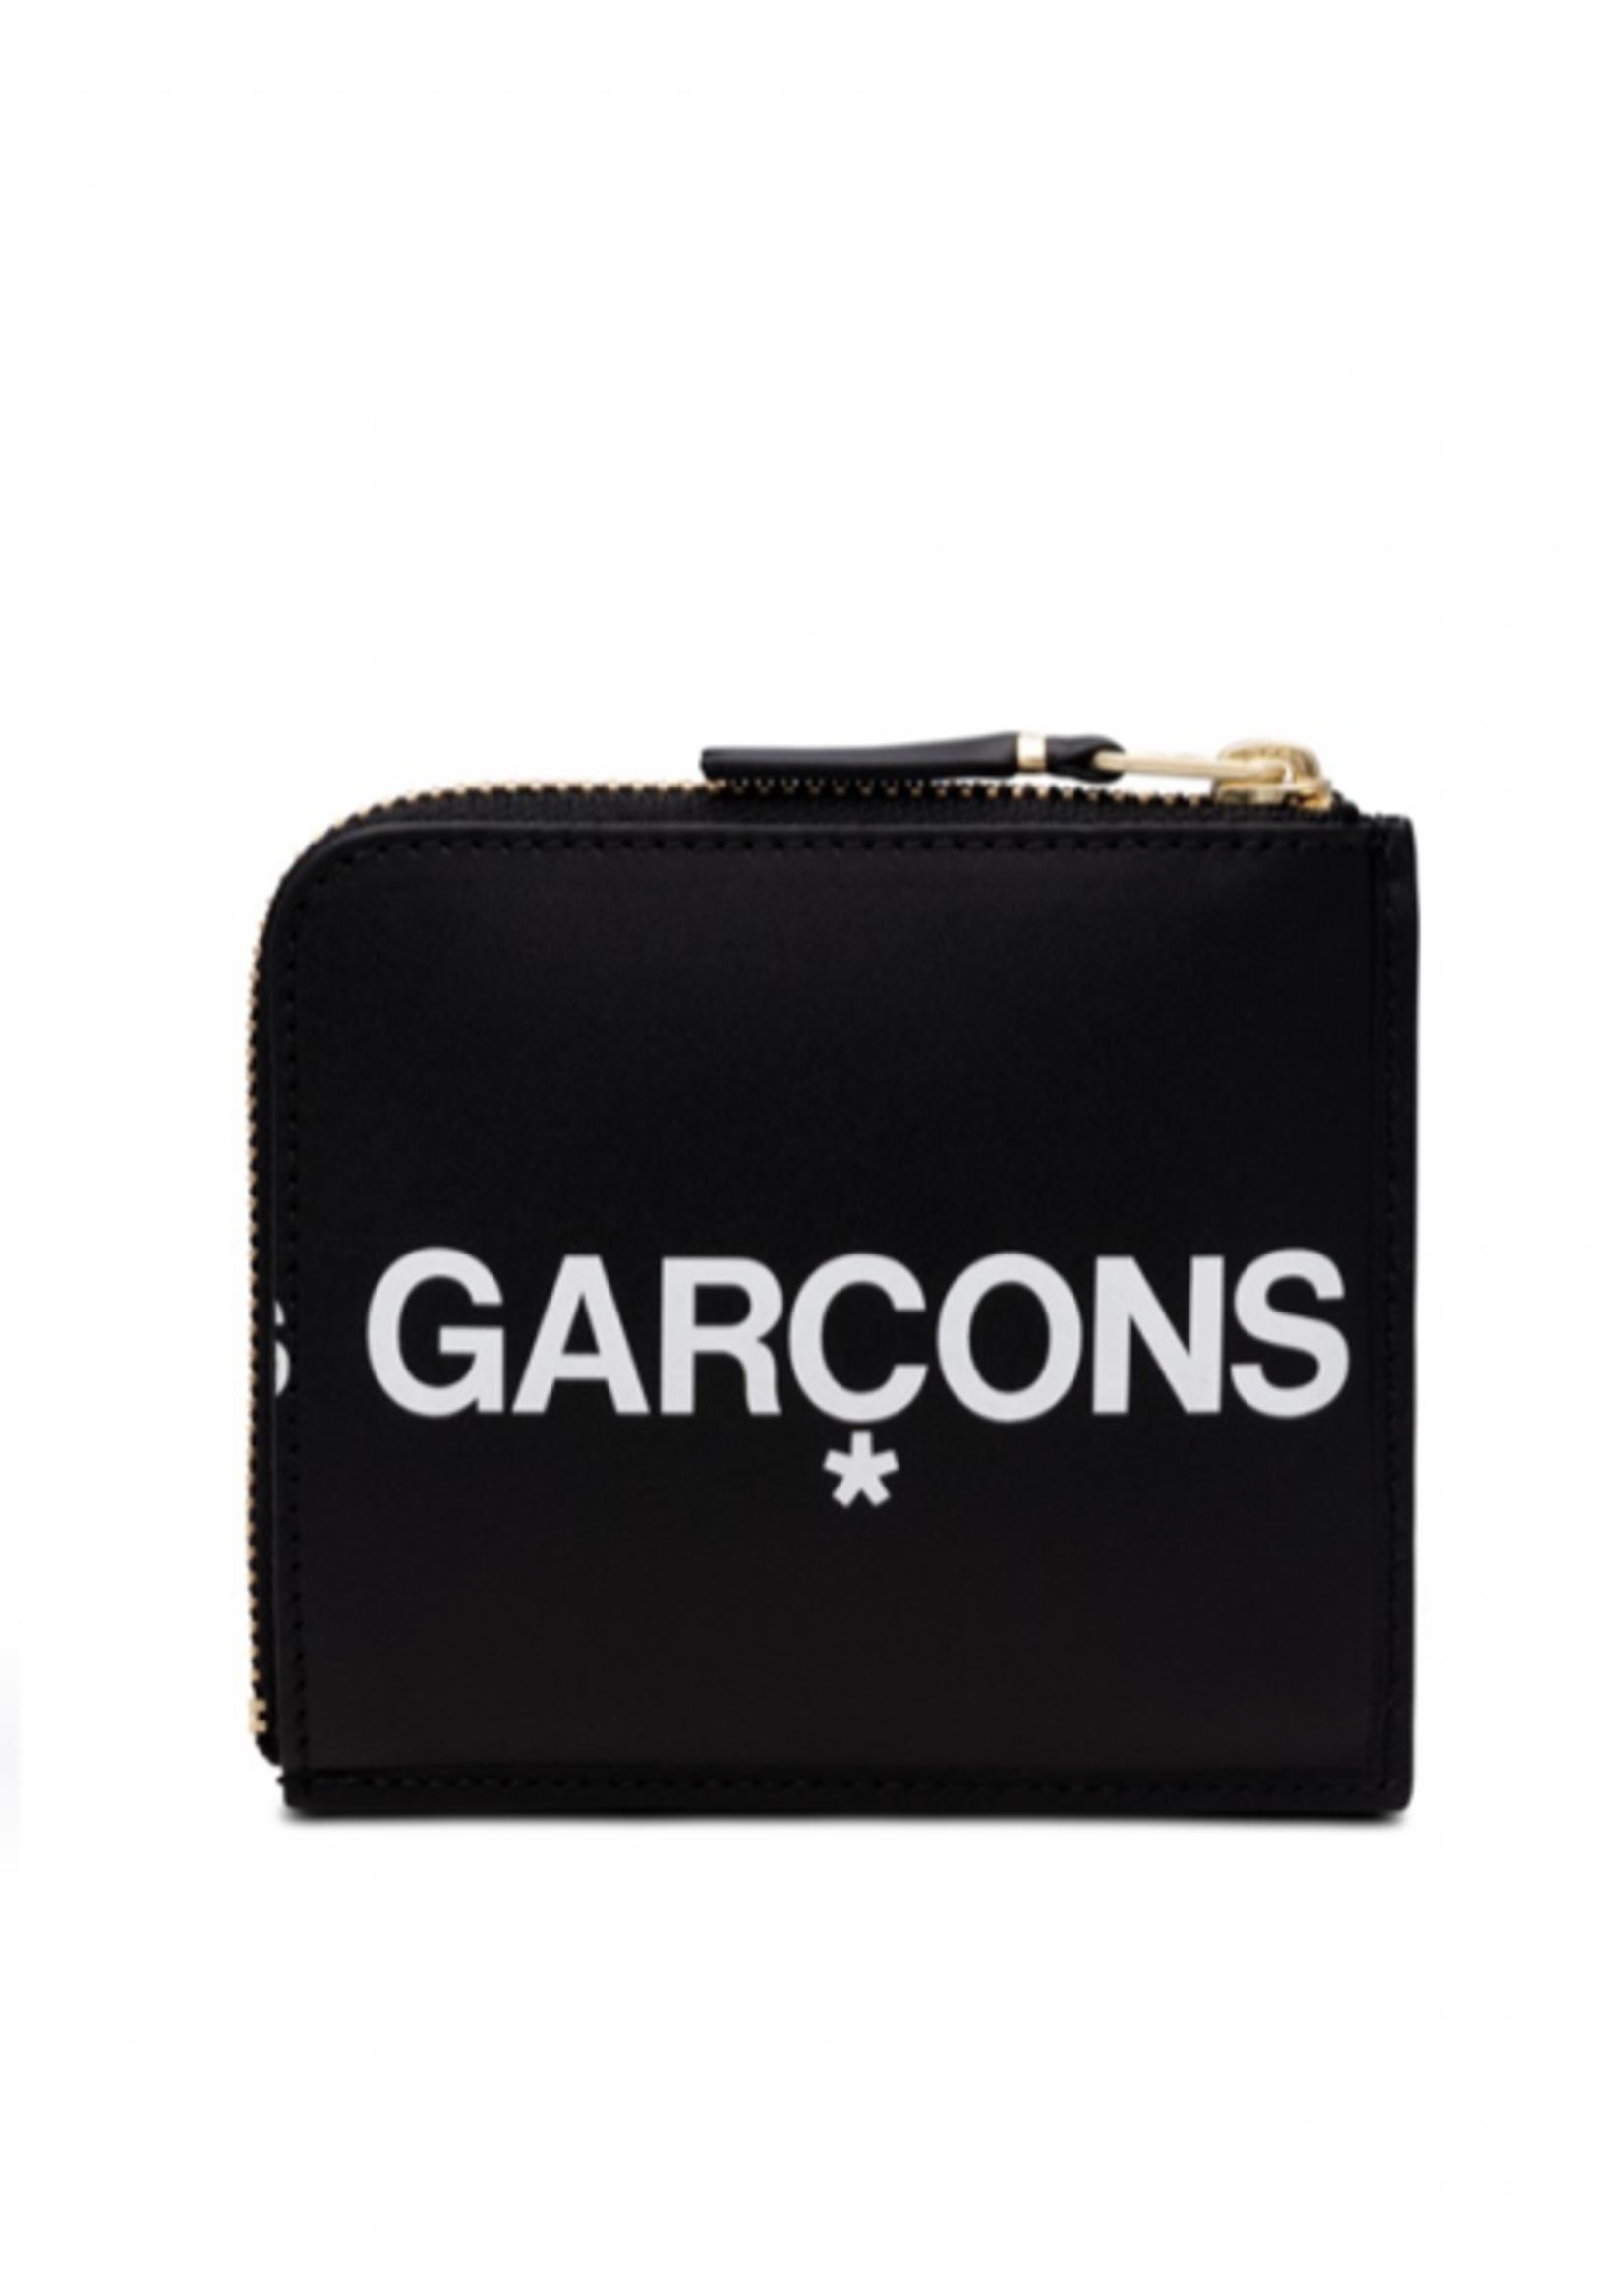 COMME des GARÇONS WALLET 1/2 Zip Huge Logo Wallet in Black